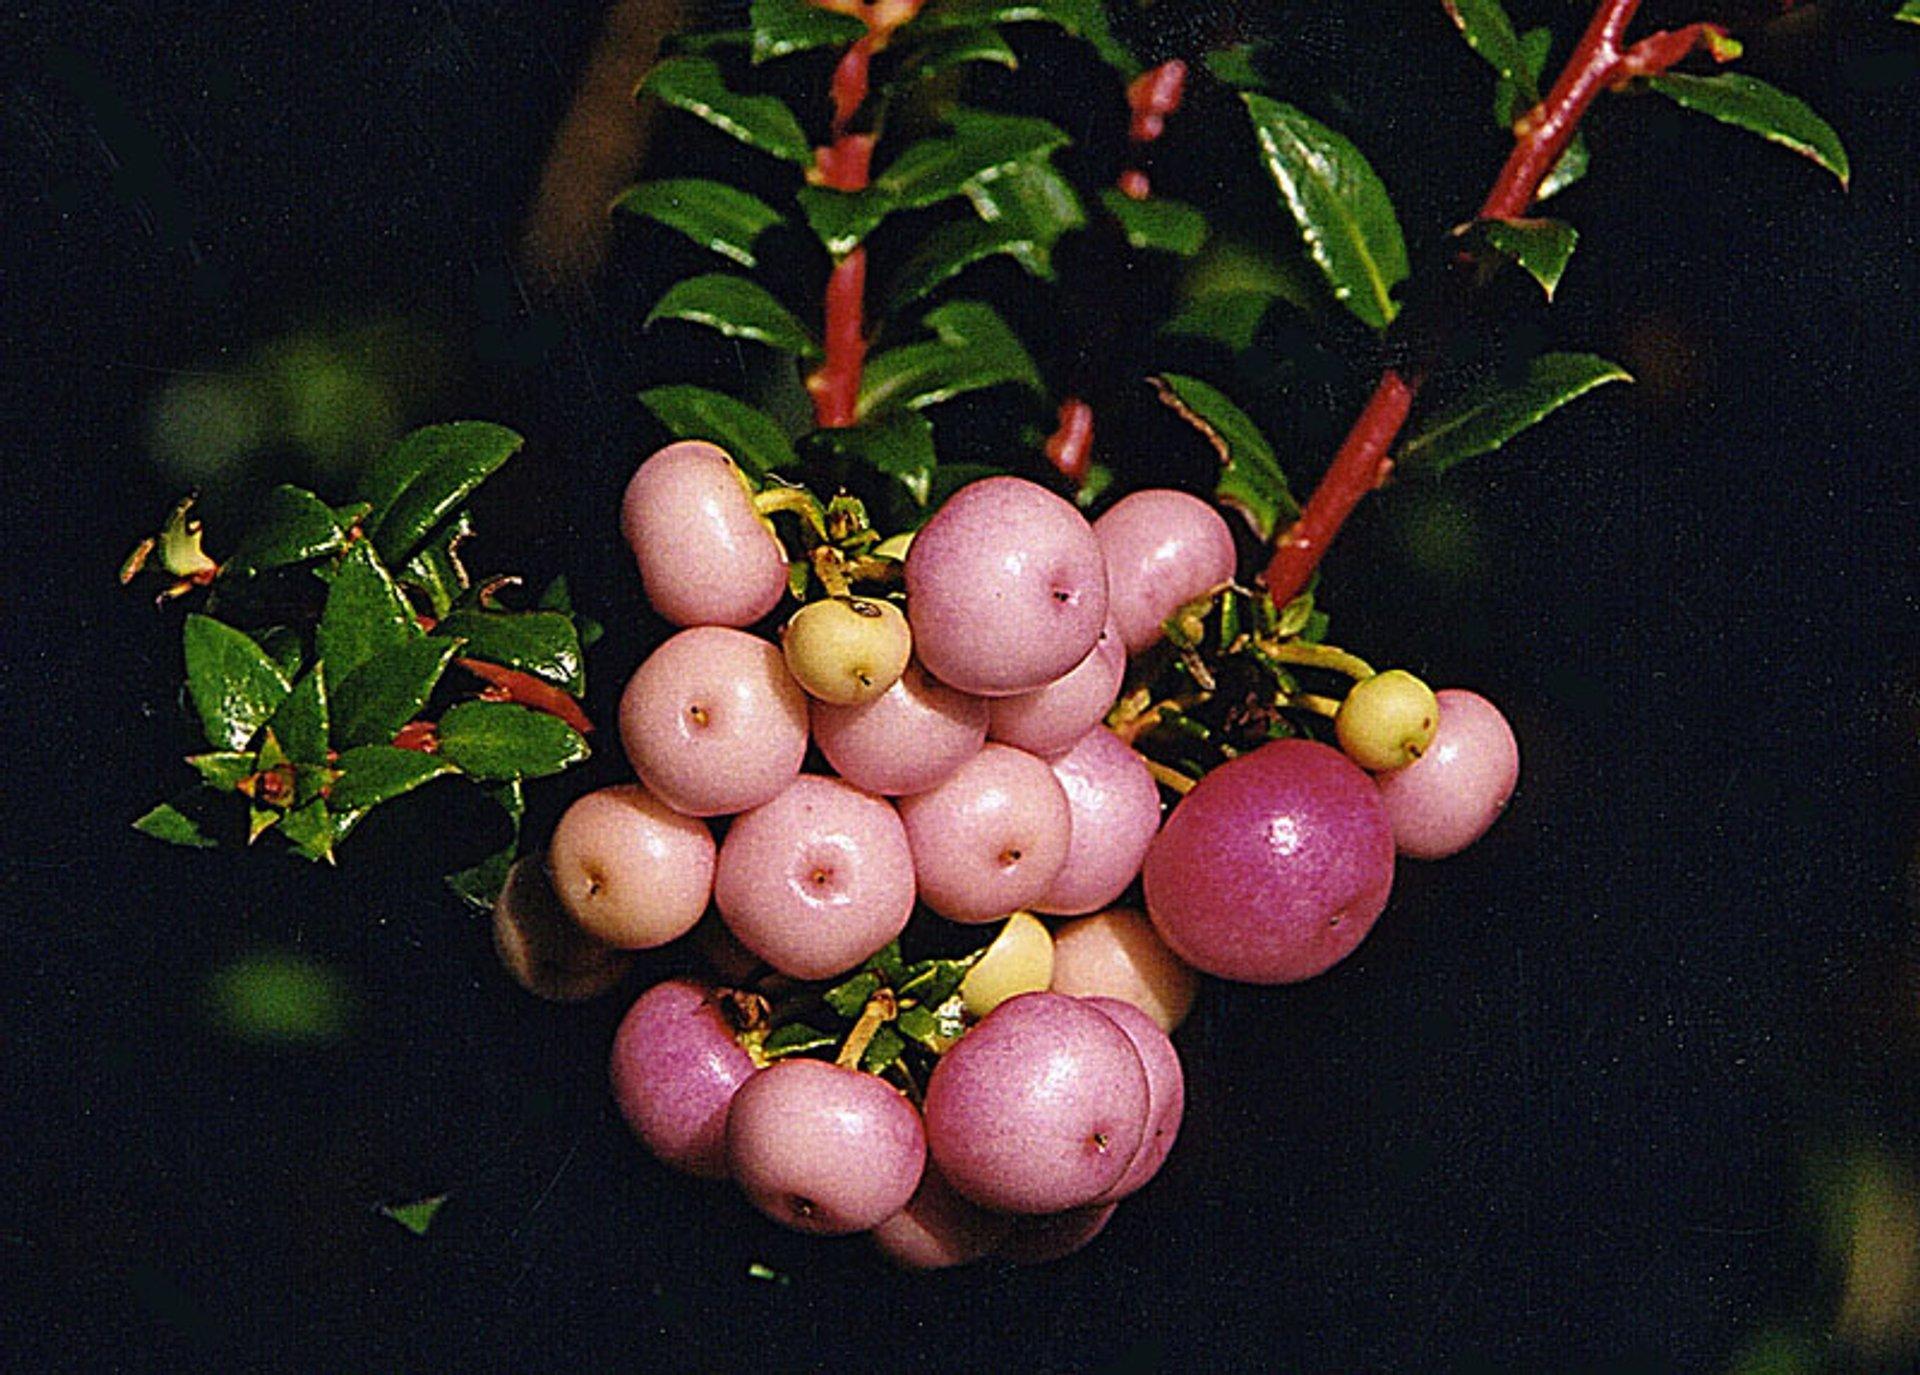 Wild Berries in Chile - Best Season 2020